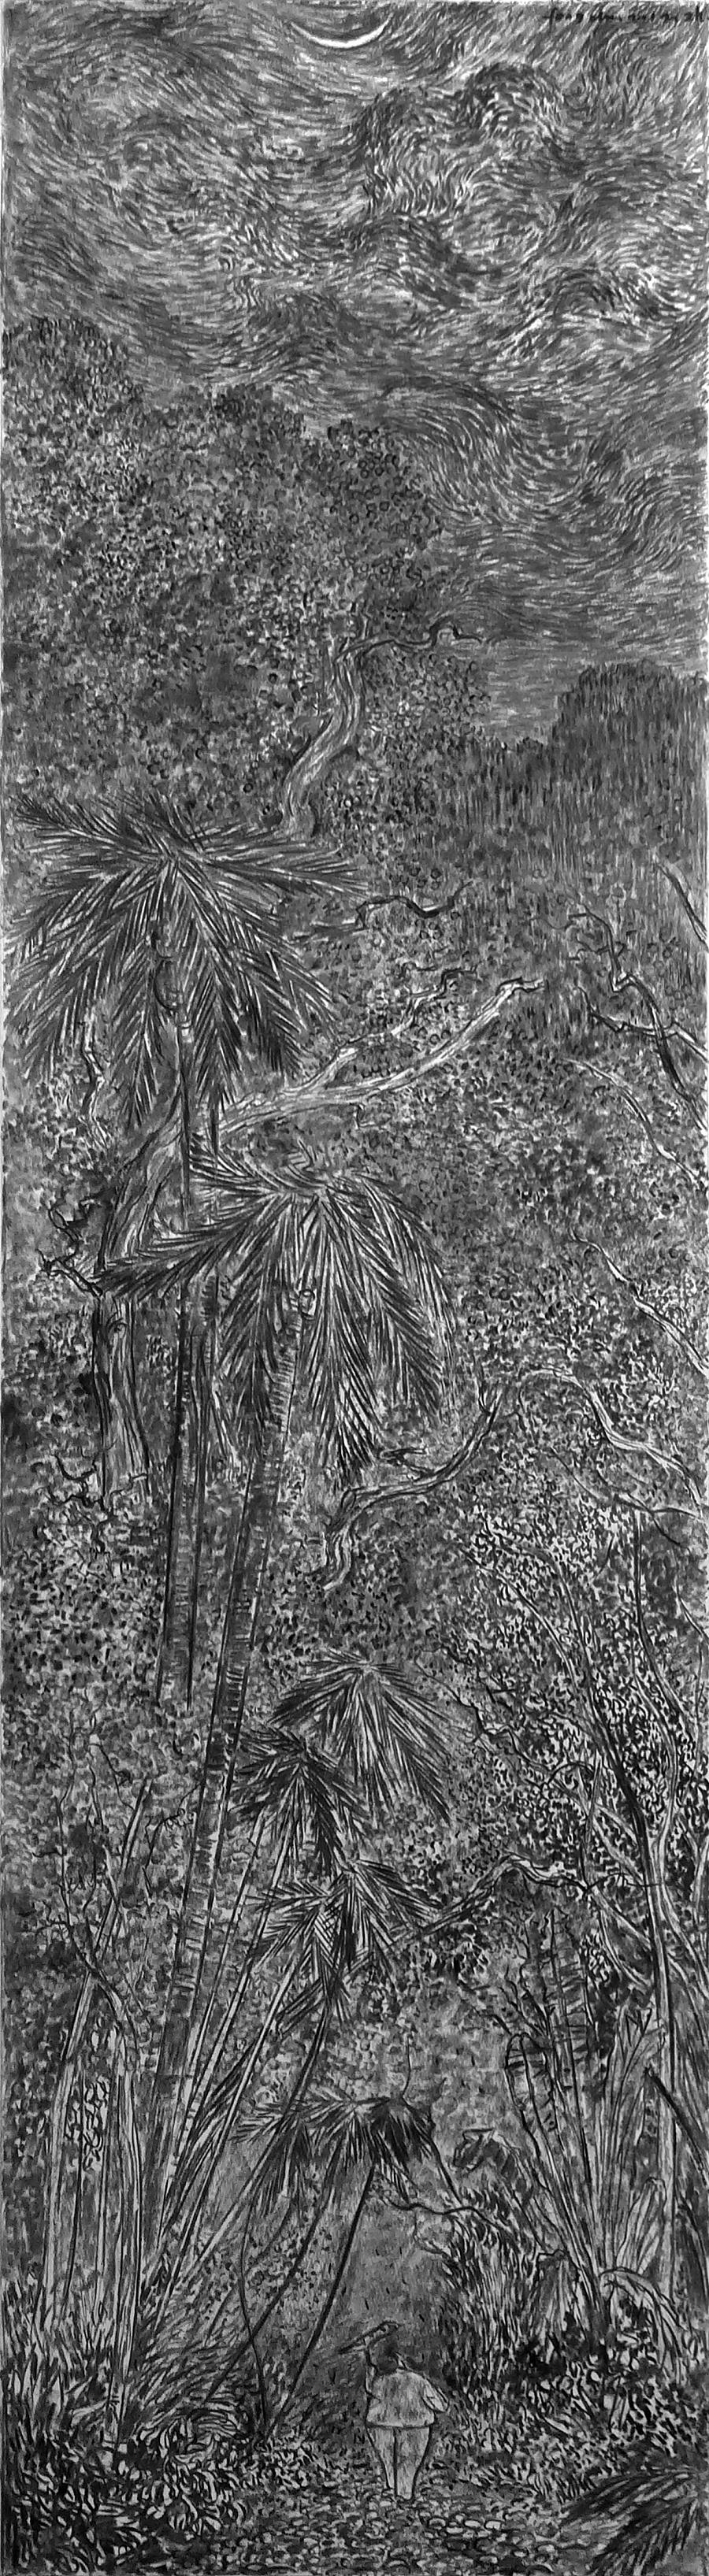 查看《《南方·潮水集》 素描系列作品节选》原图,原图尺寸:1285x4670